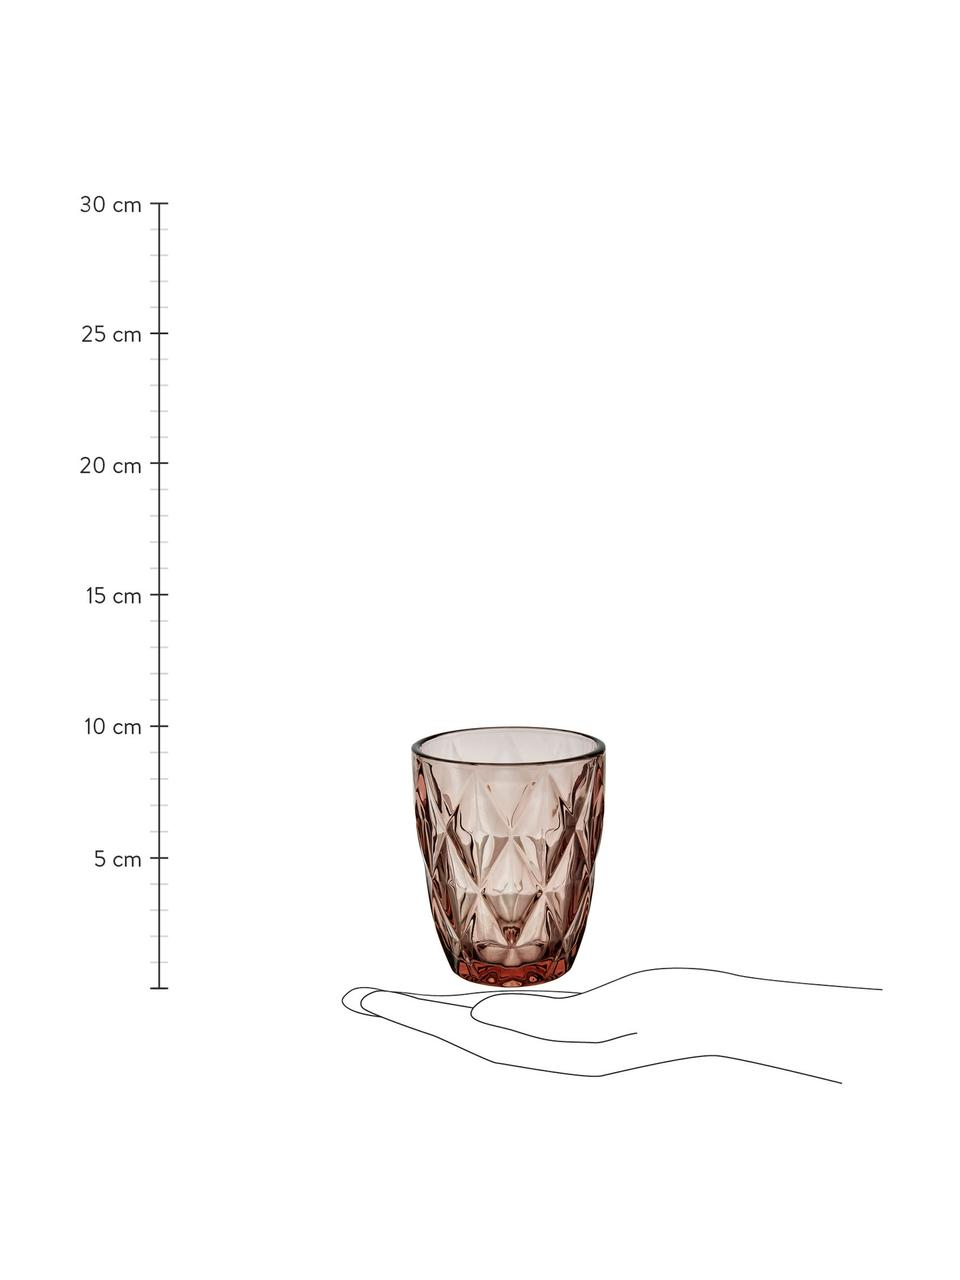 Bicchiere acqua Colorado 4 pz, Vetro, Rosa, trasparente, Ø 8 x Alt. 10 cm